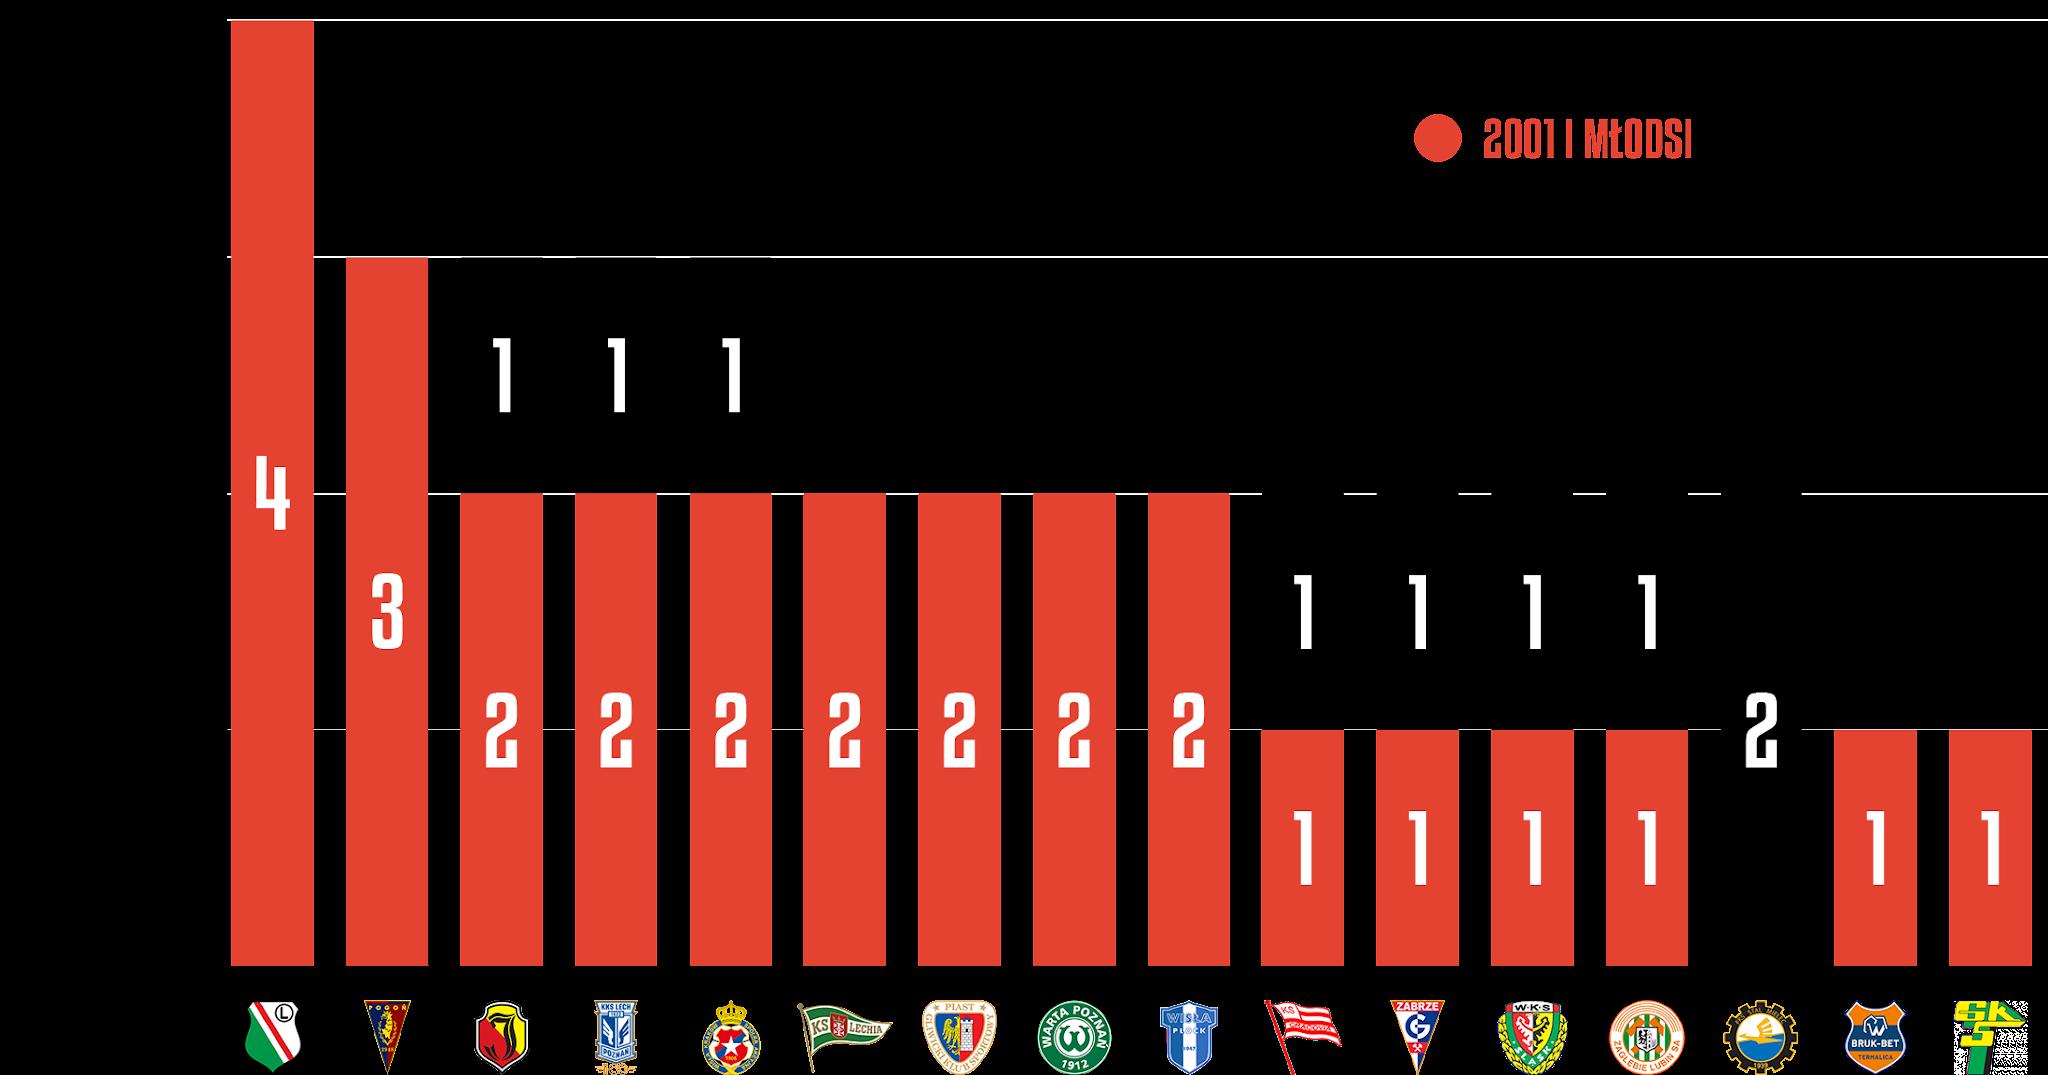 Młodzieżowcy w poszczególnych klubach podczas 4. kolejki PKO Ekstraklasy<br><br>Źródło: Opracowanie własne na podstawie ekstrastats.pl<br><br>graf. Bartosz Urban